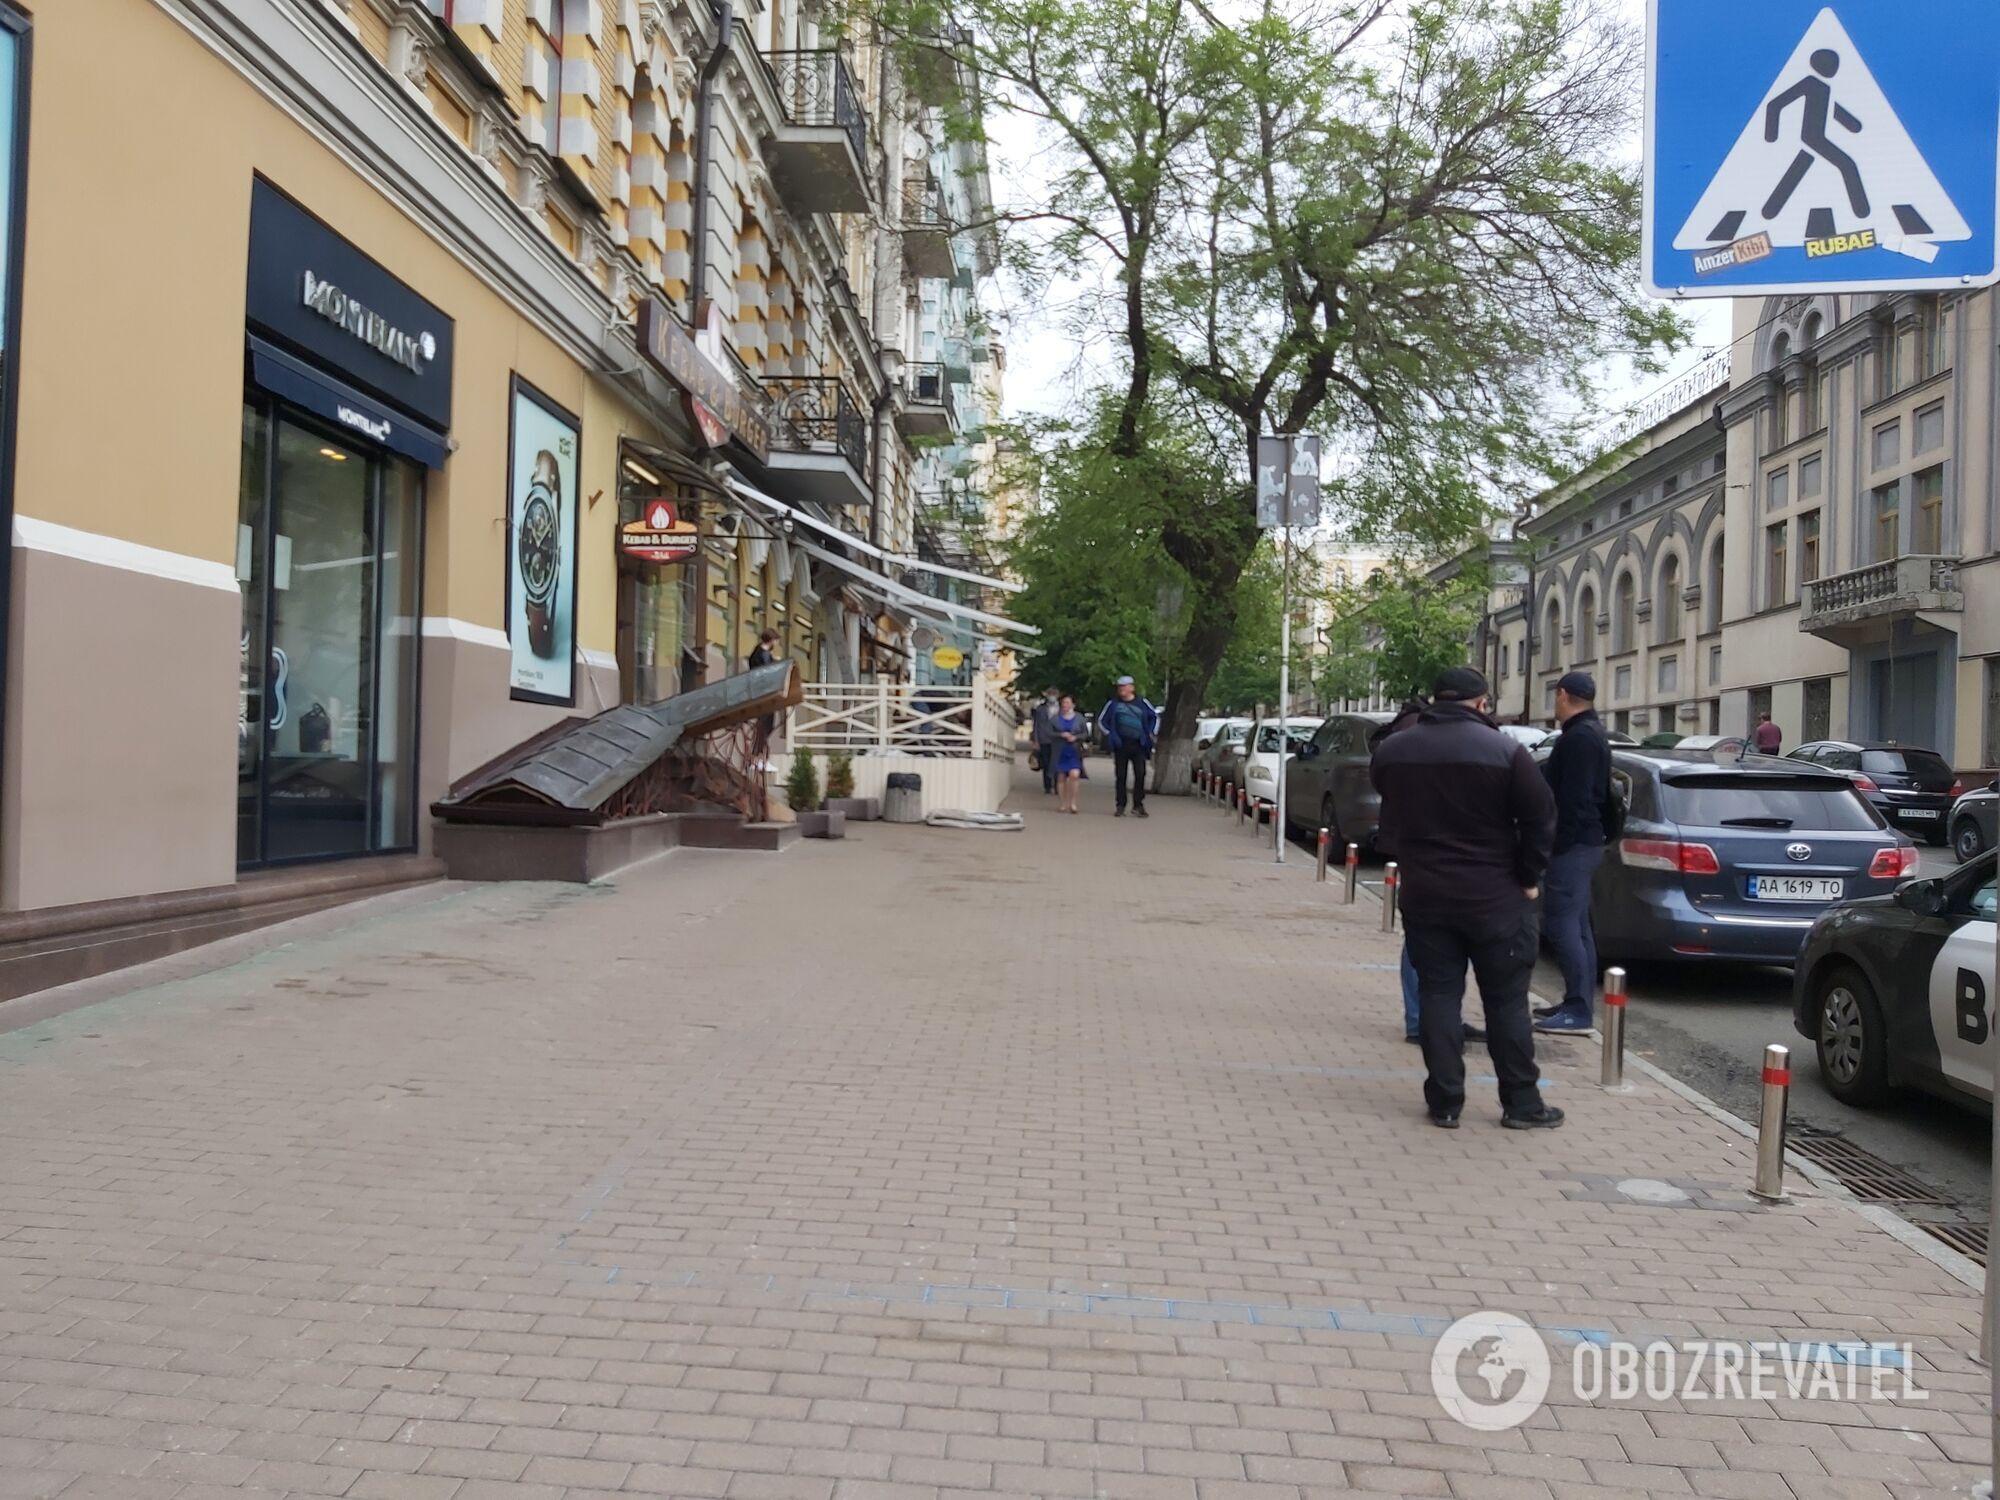 Дом, где проживает Виталий Кличко